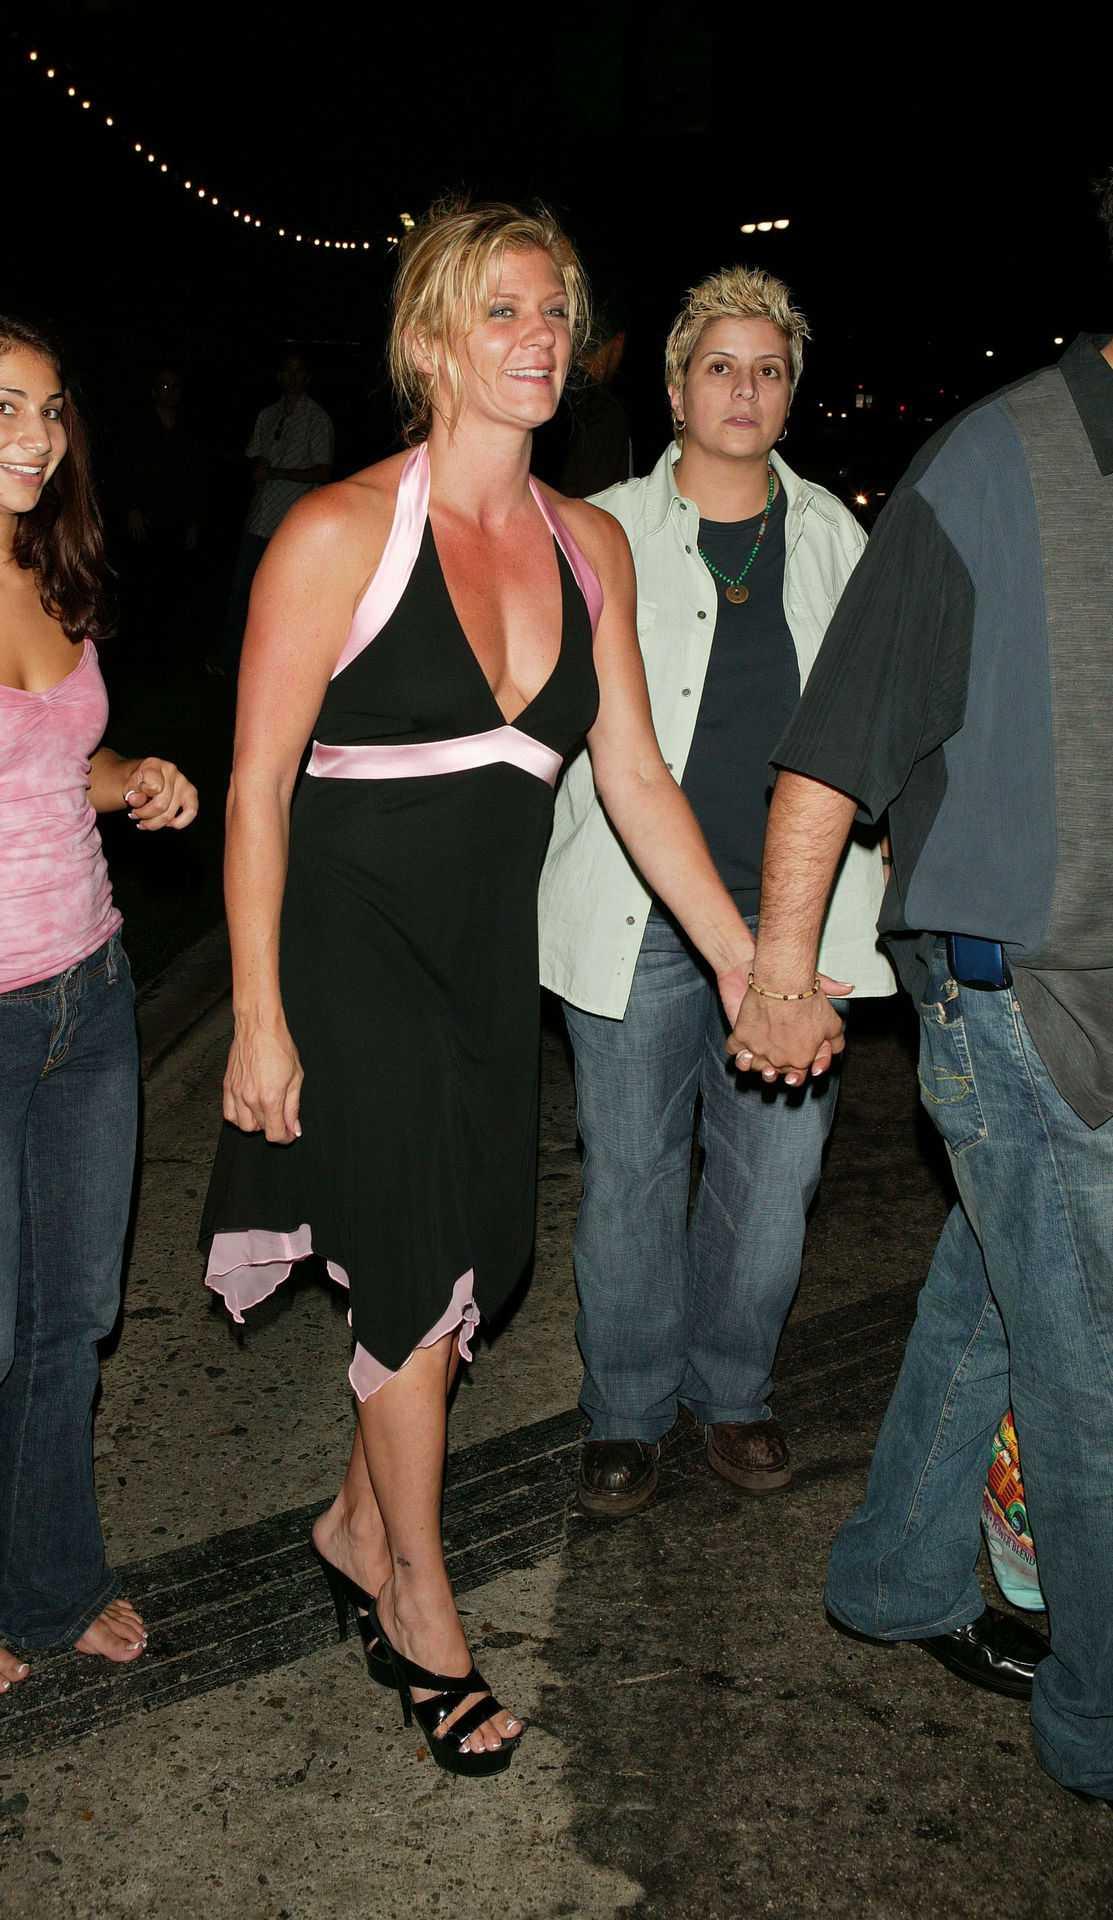 1990 Uppmärksammas för sitt förhållande med före detta porrstjärnan Ginger Lynn.